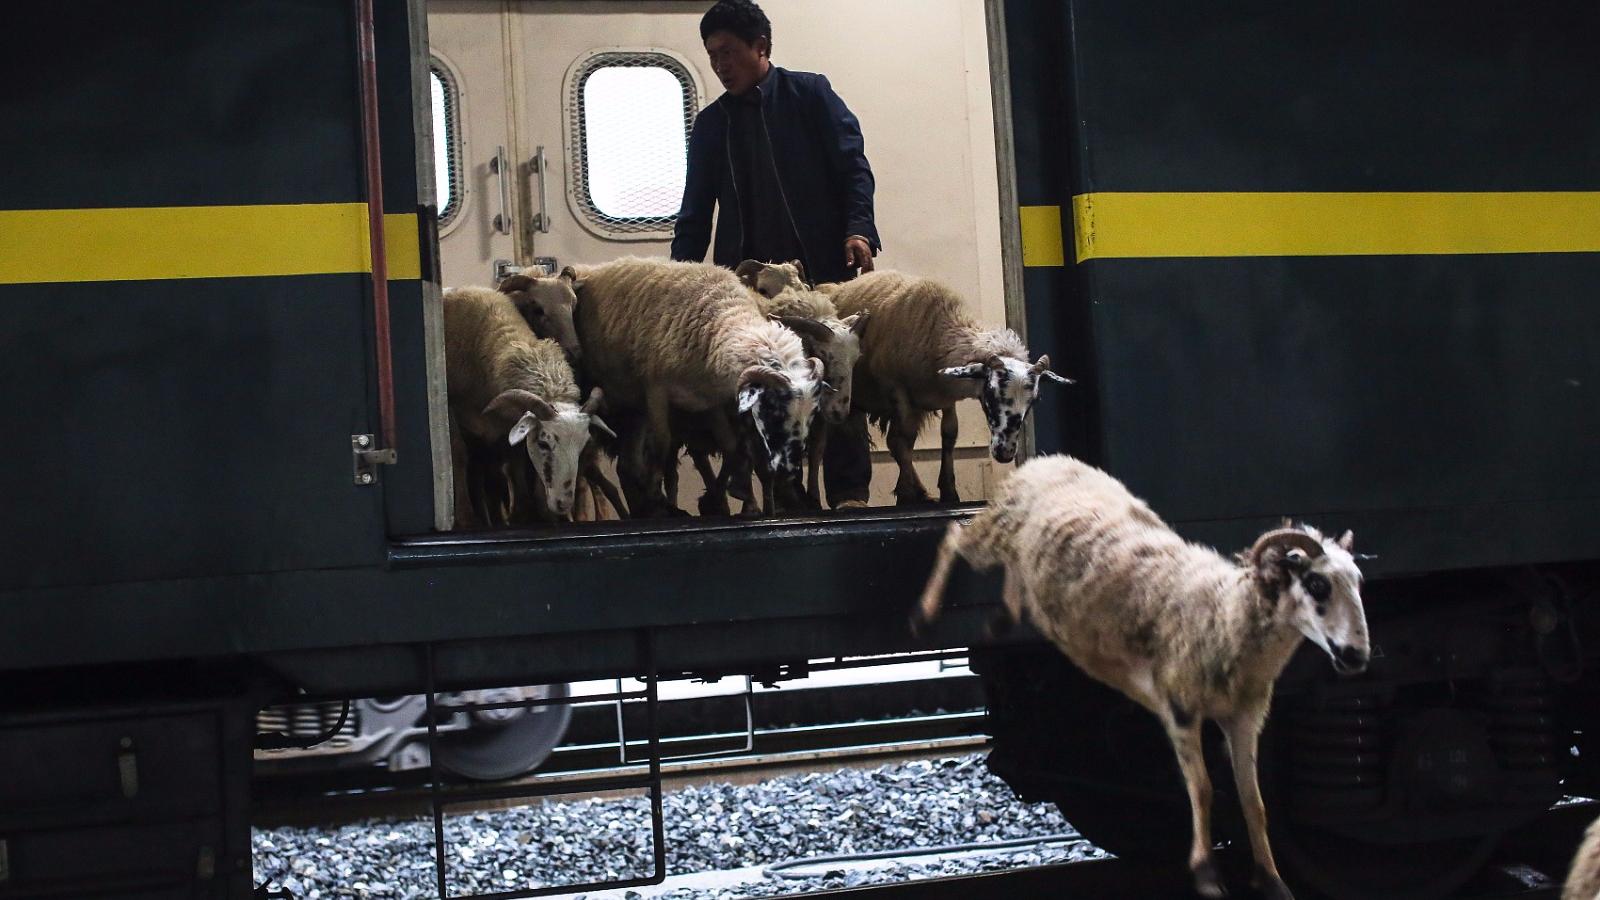 这列火车票价最低2元22年未涨价 鸡羊都能坐